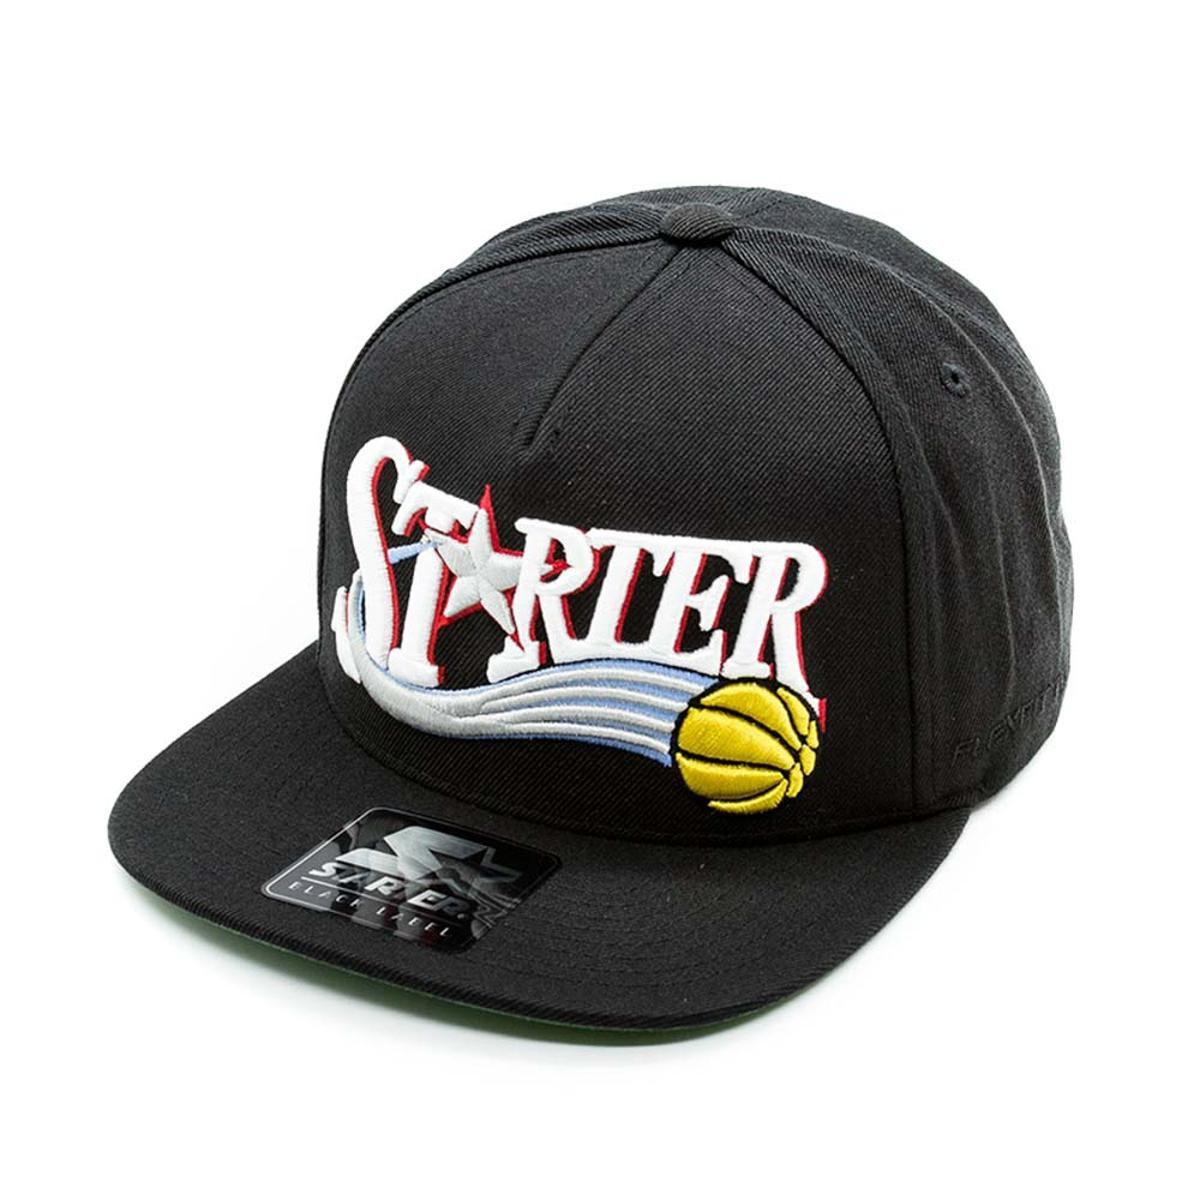 Boné Aba Reta Starter Basketball - Preto - Compre Agora  f402b14eeee